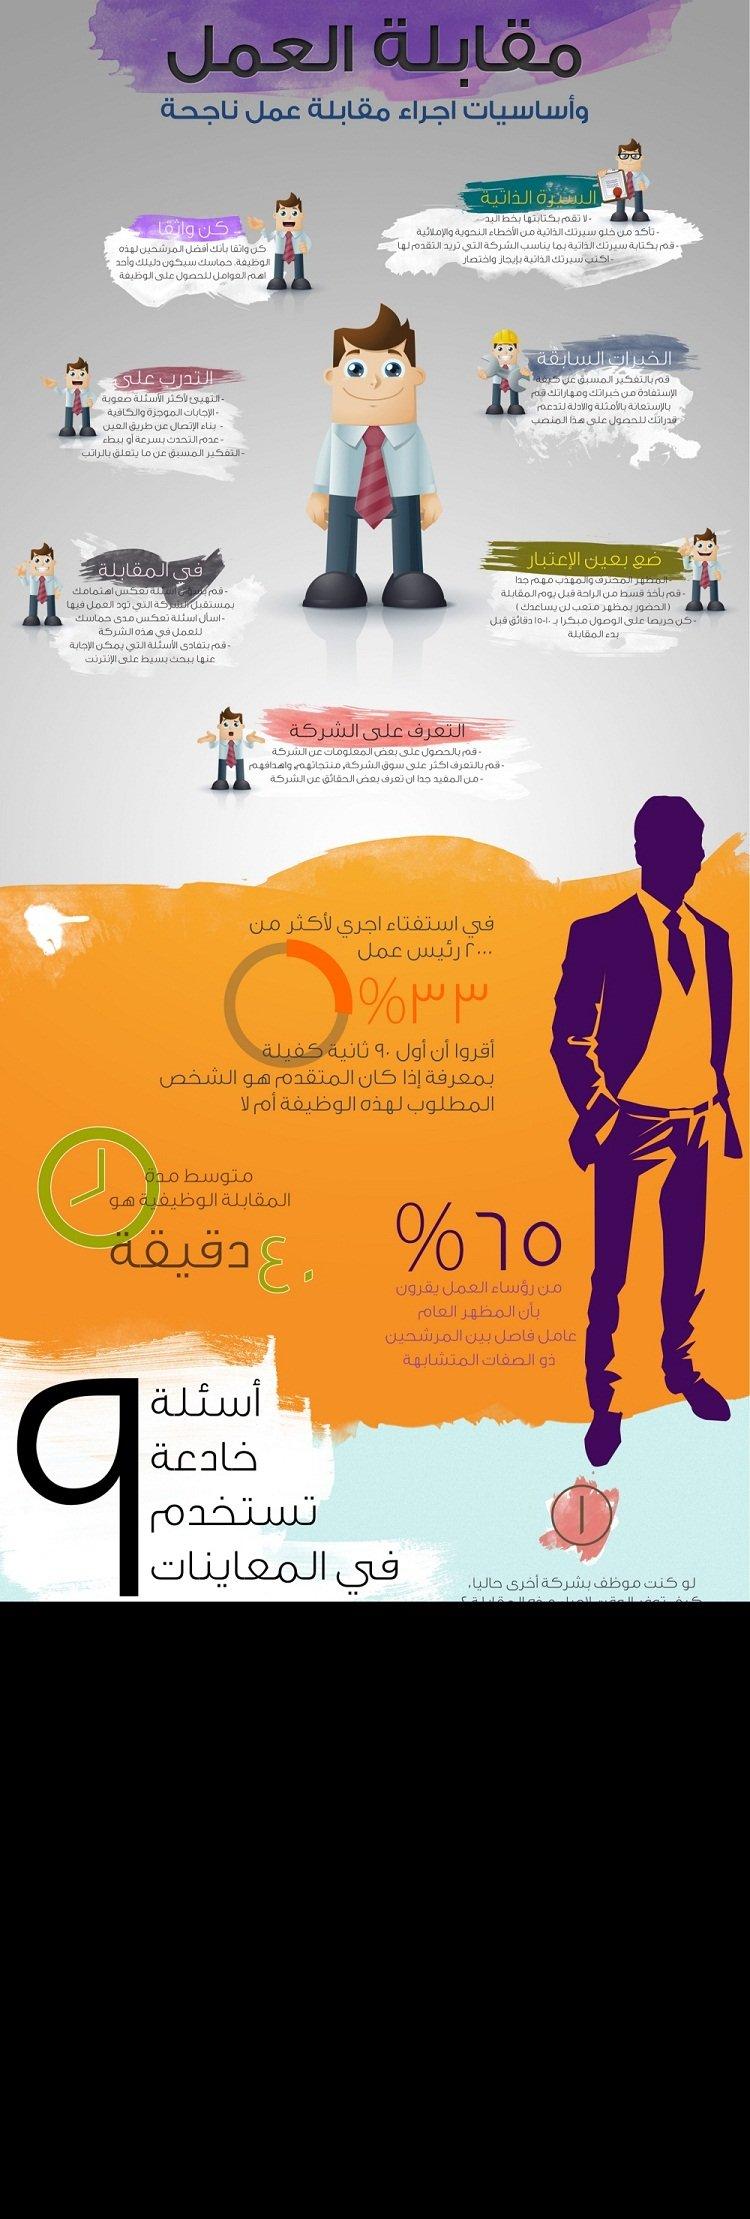 نصائح تفيدك لمقابلة العمل #انفوغراف #معلومات #انفوجرافيك #انفوجرافيك_عربي